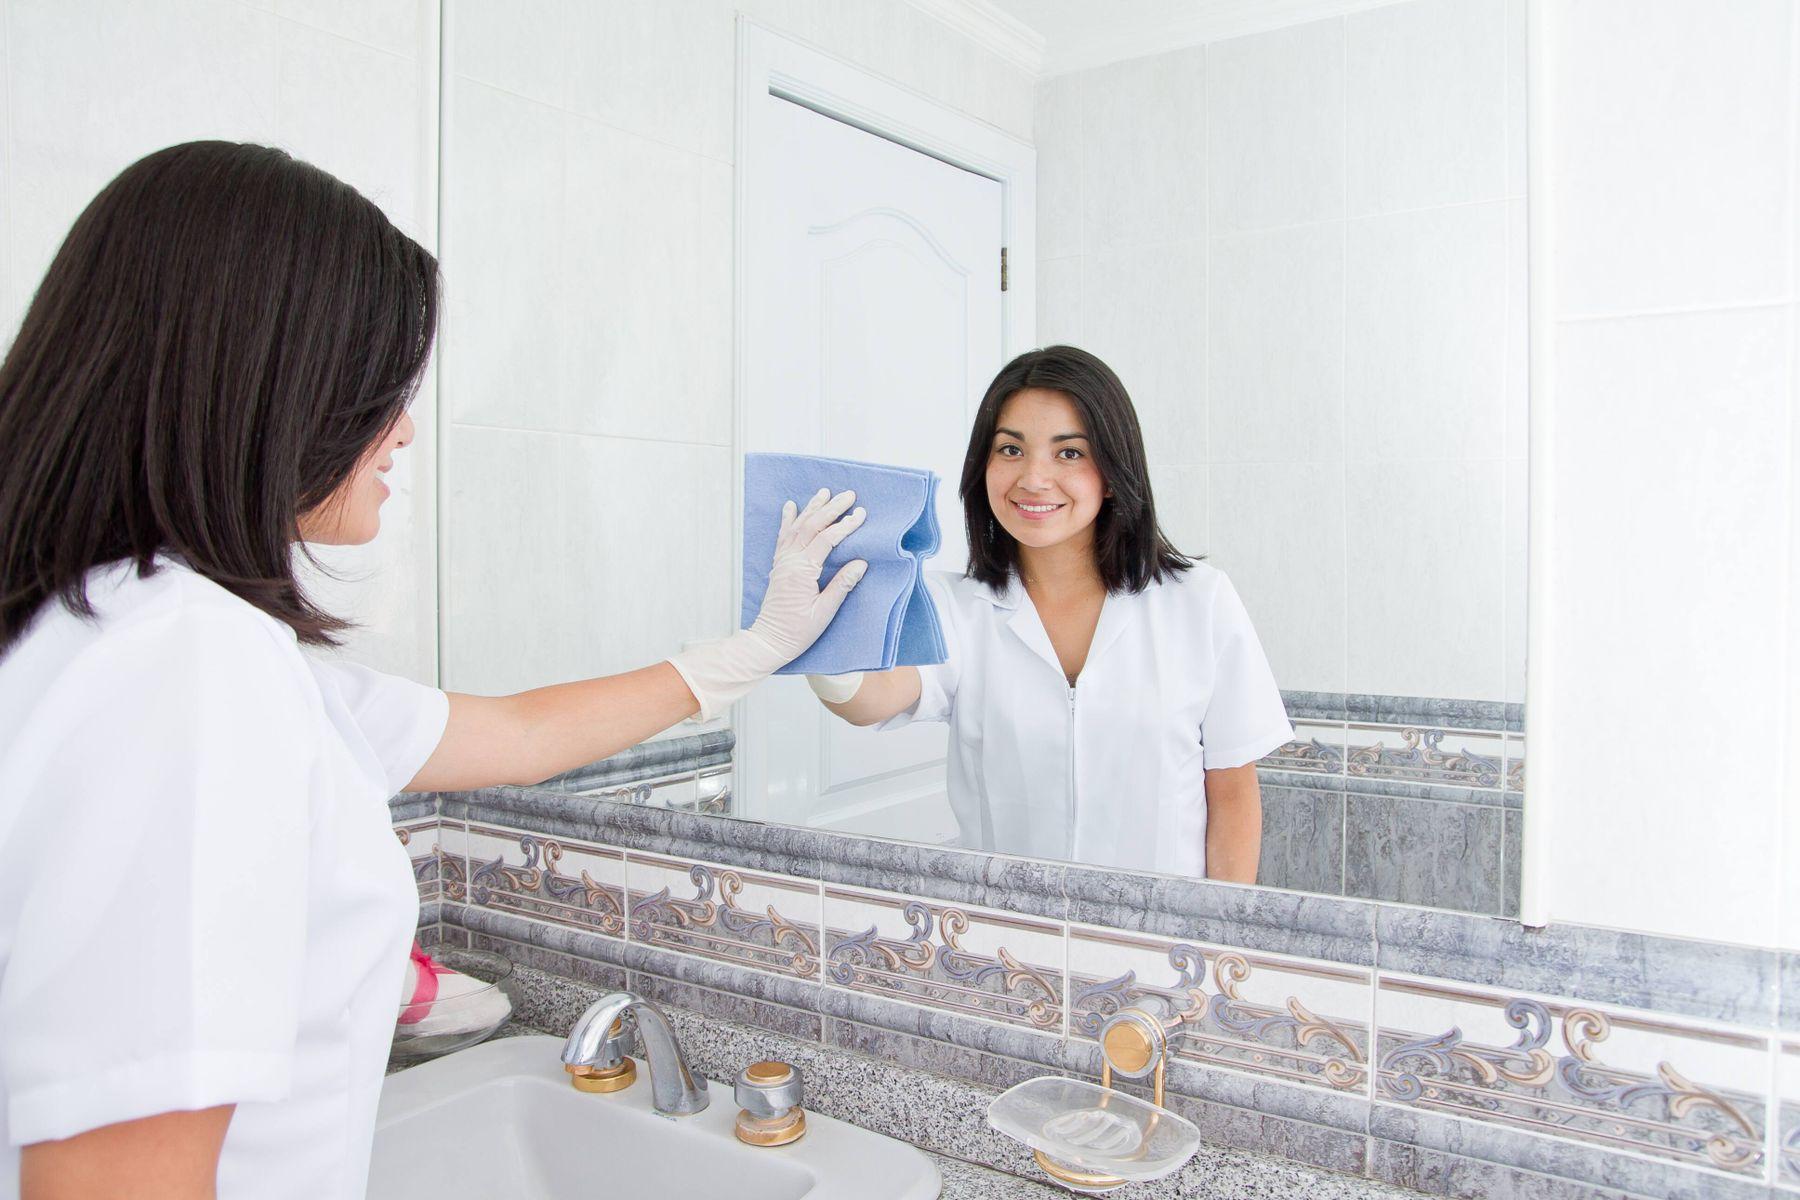 5 Mẹo để kính nhà tắm luôn sáng bóng như mới